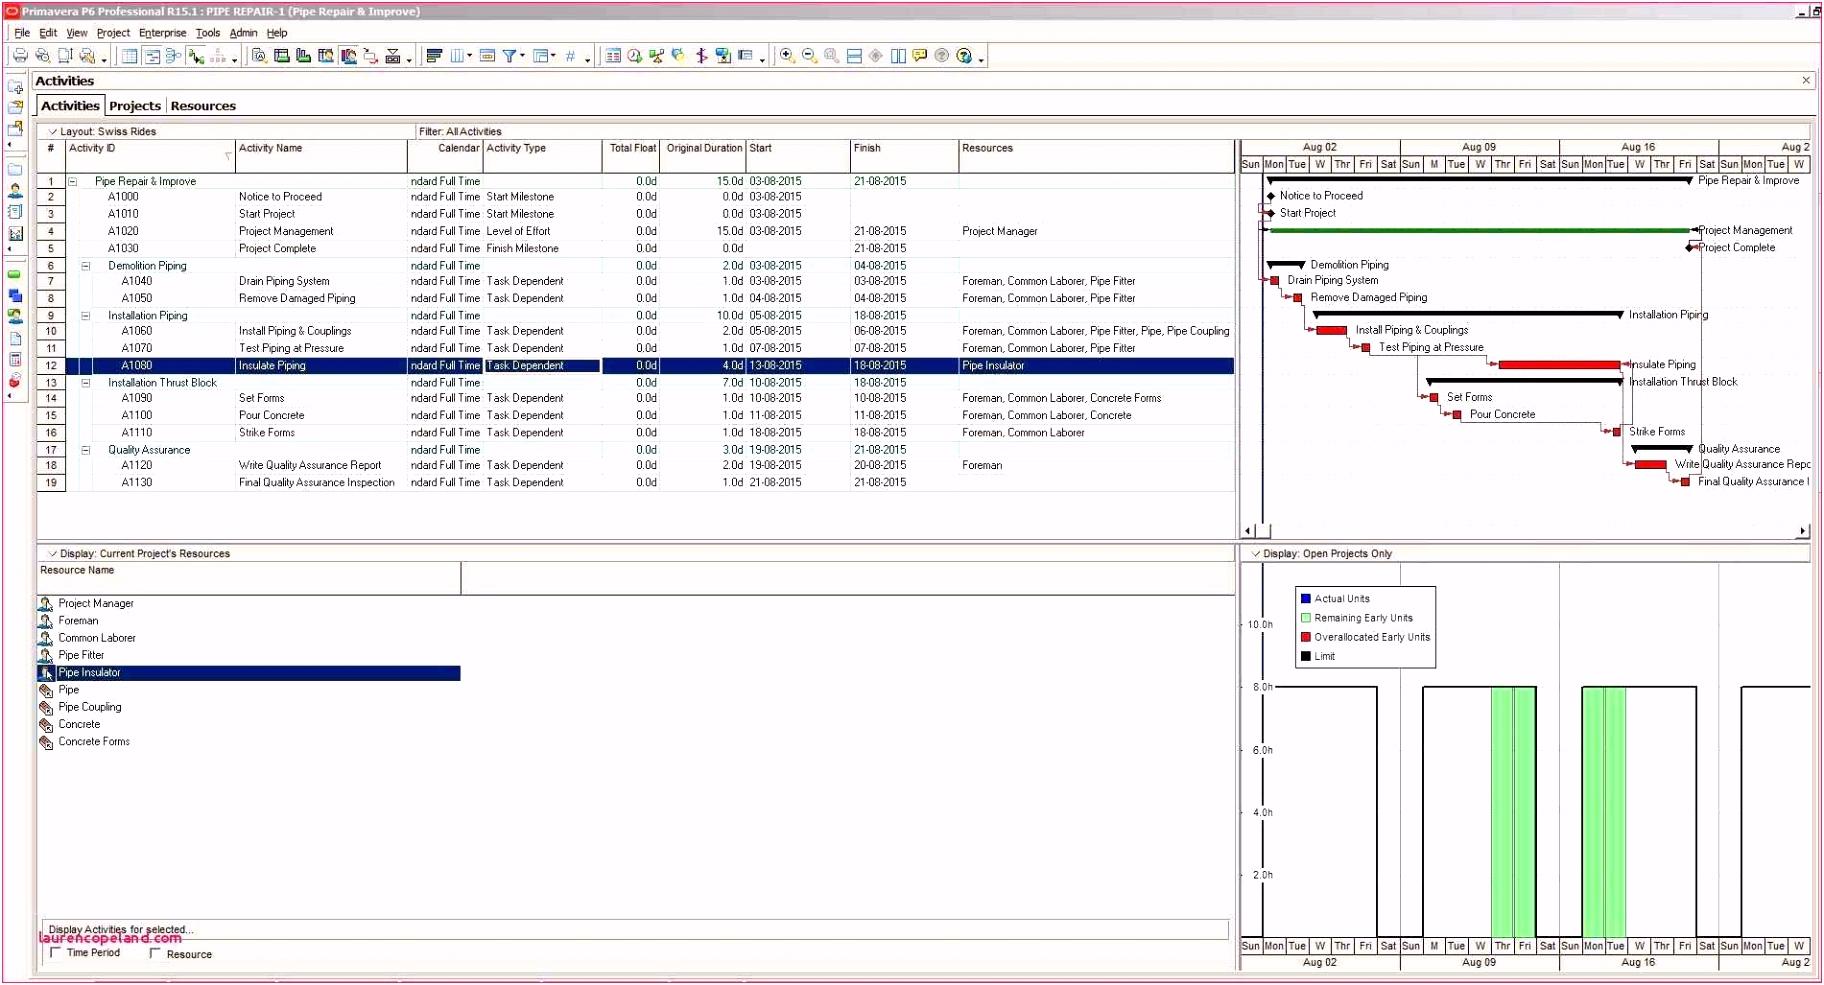 Stammbaum Vorlage Excel Download Druckbare Stammbaum Vorlage Excel Deckblatt Vorlage Oben Druckbare A8os83rug2 asydvuths0